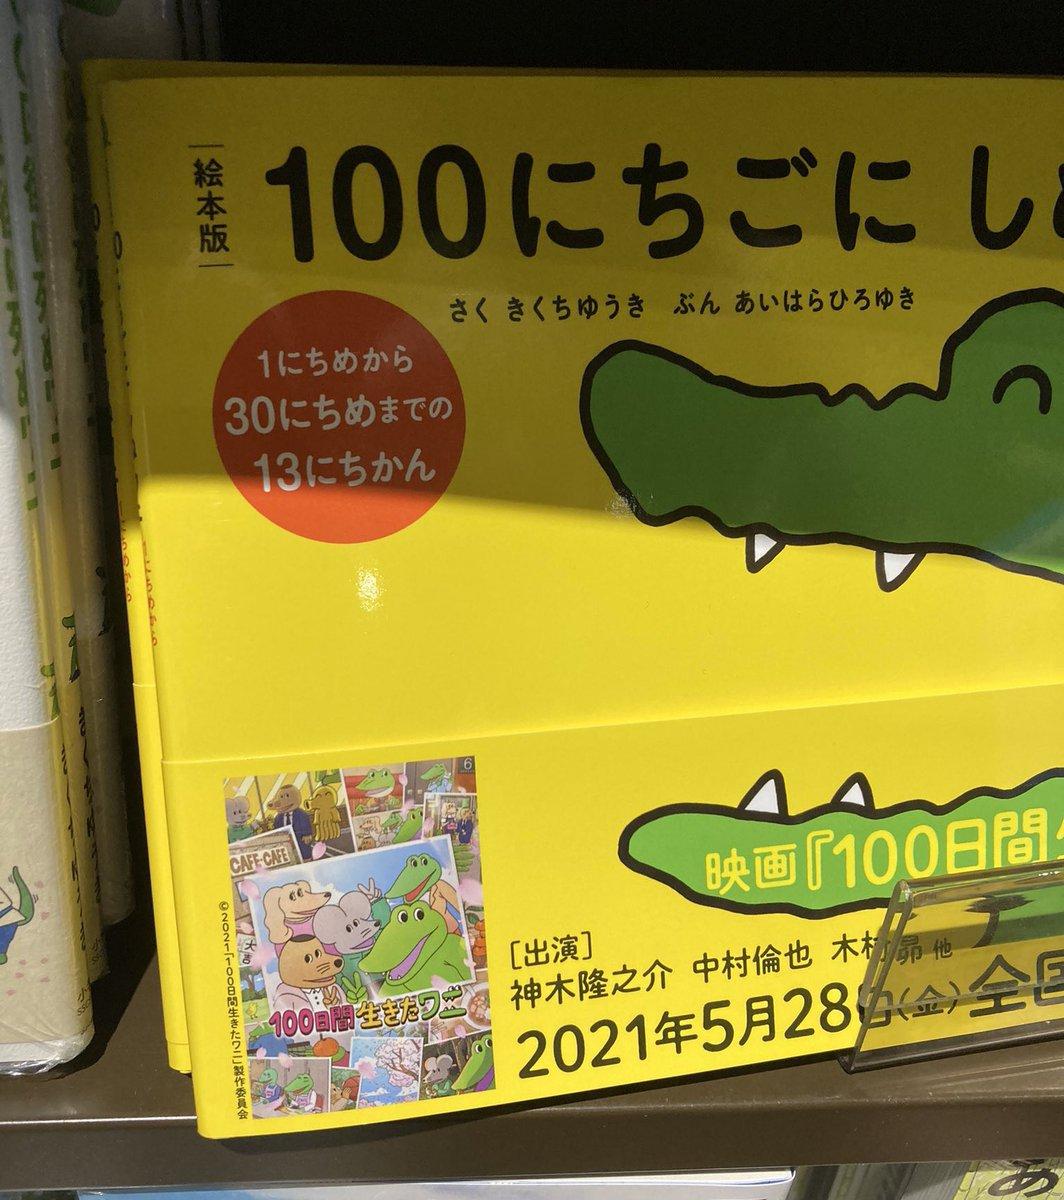 日本語難しすぎるだろ…1にちめから30にちめまでの13にちかん、ってどういう事…